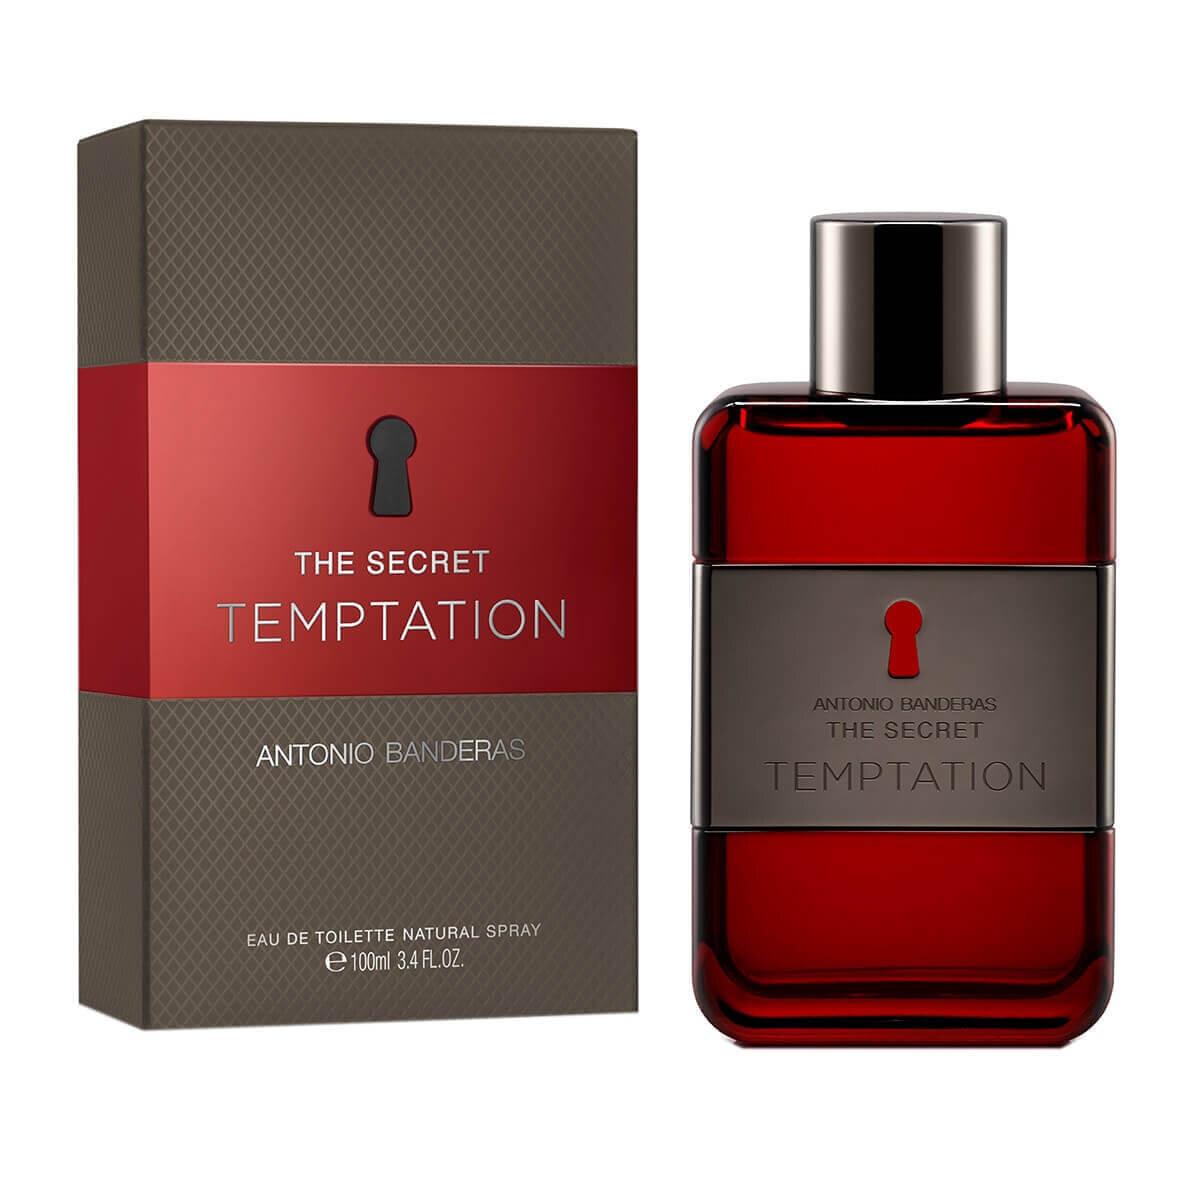 The Secret Temptation Erkek Parfümü Edt 100 ml